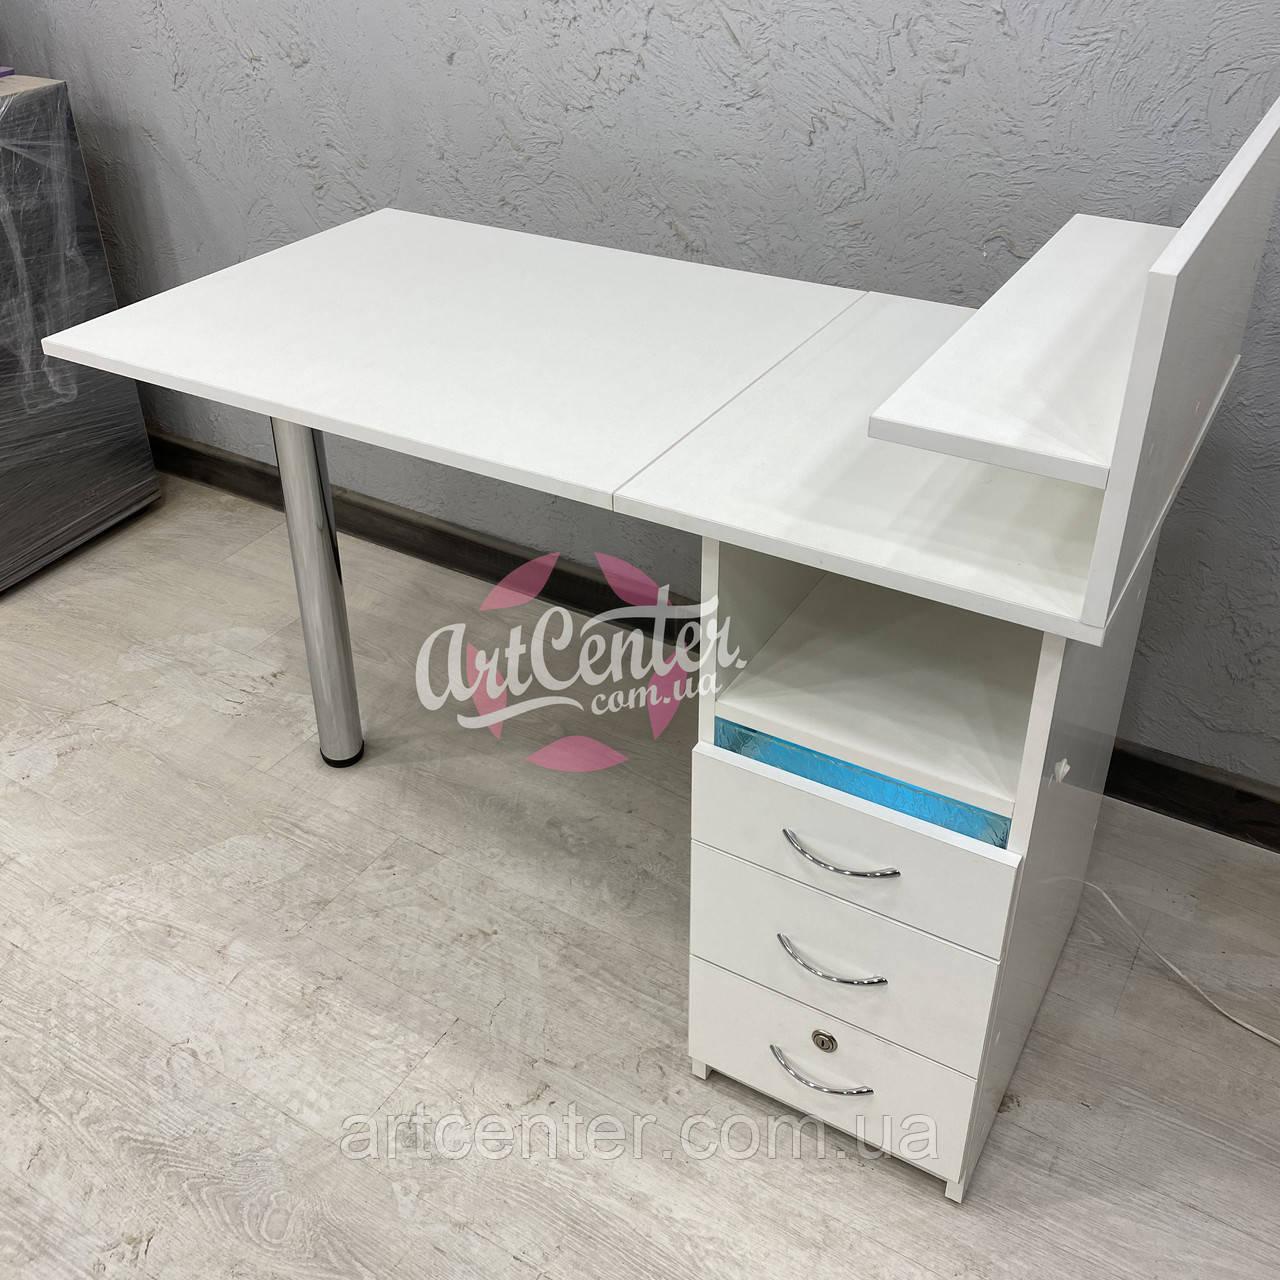 Стол для мастера маникюра белого цвета с УФ лампой в ящике